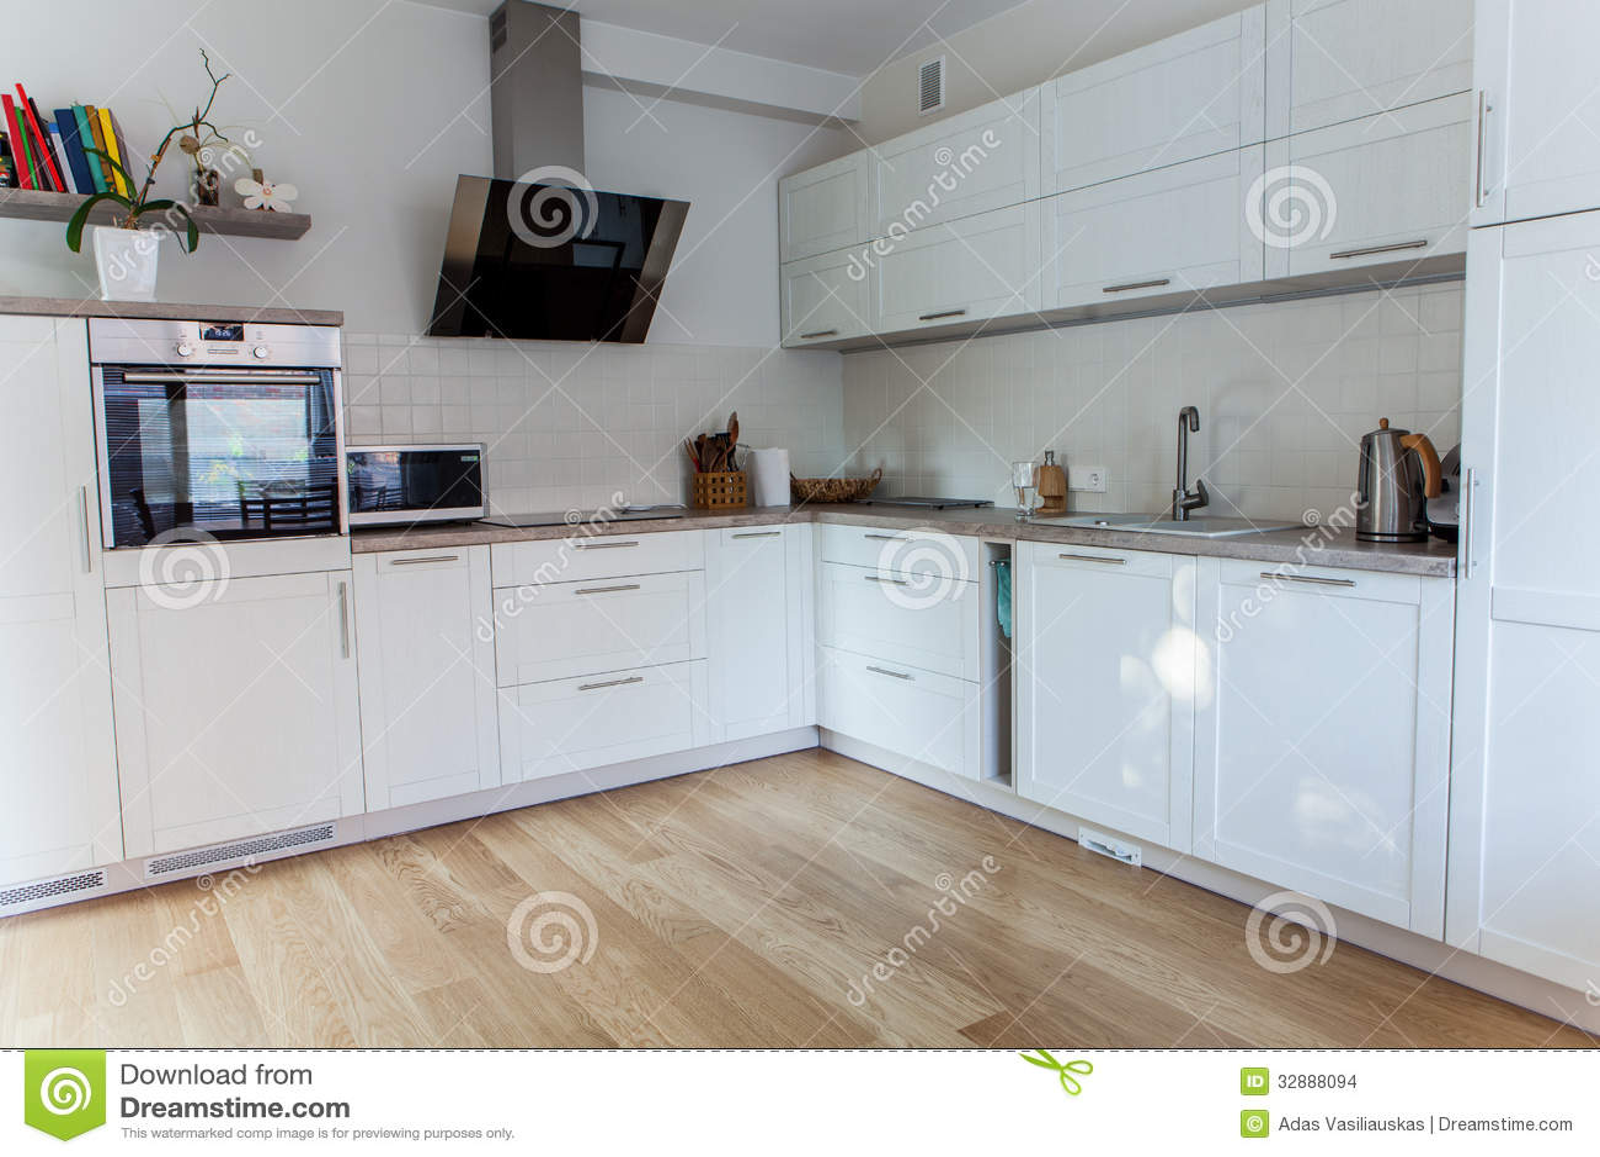 Cocina moderna interior imagenes de archivo imagen 32888094 for Interior cocinas modernas